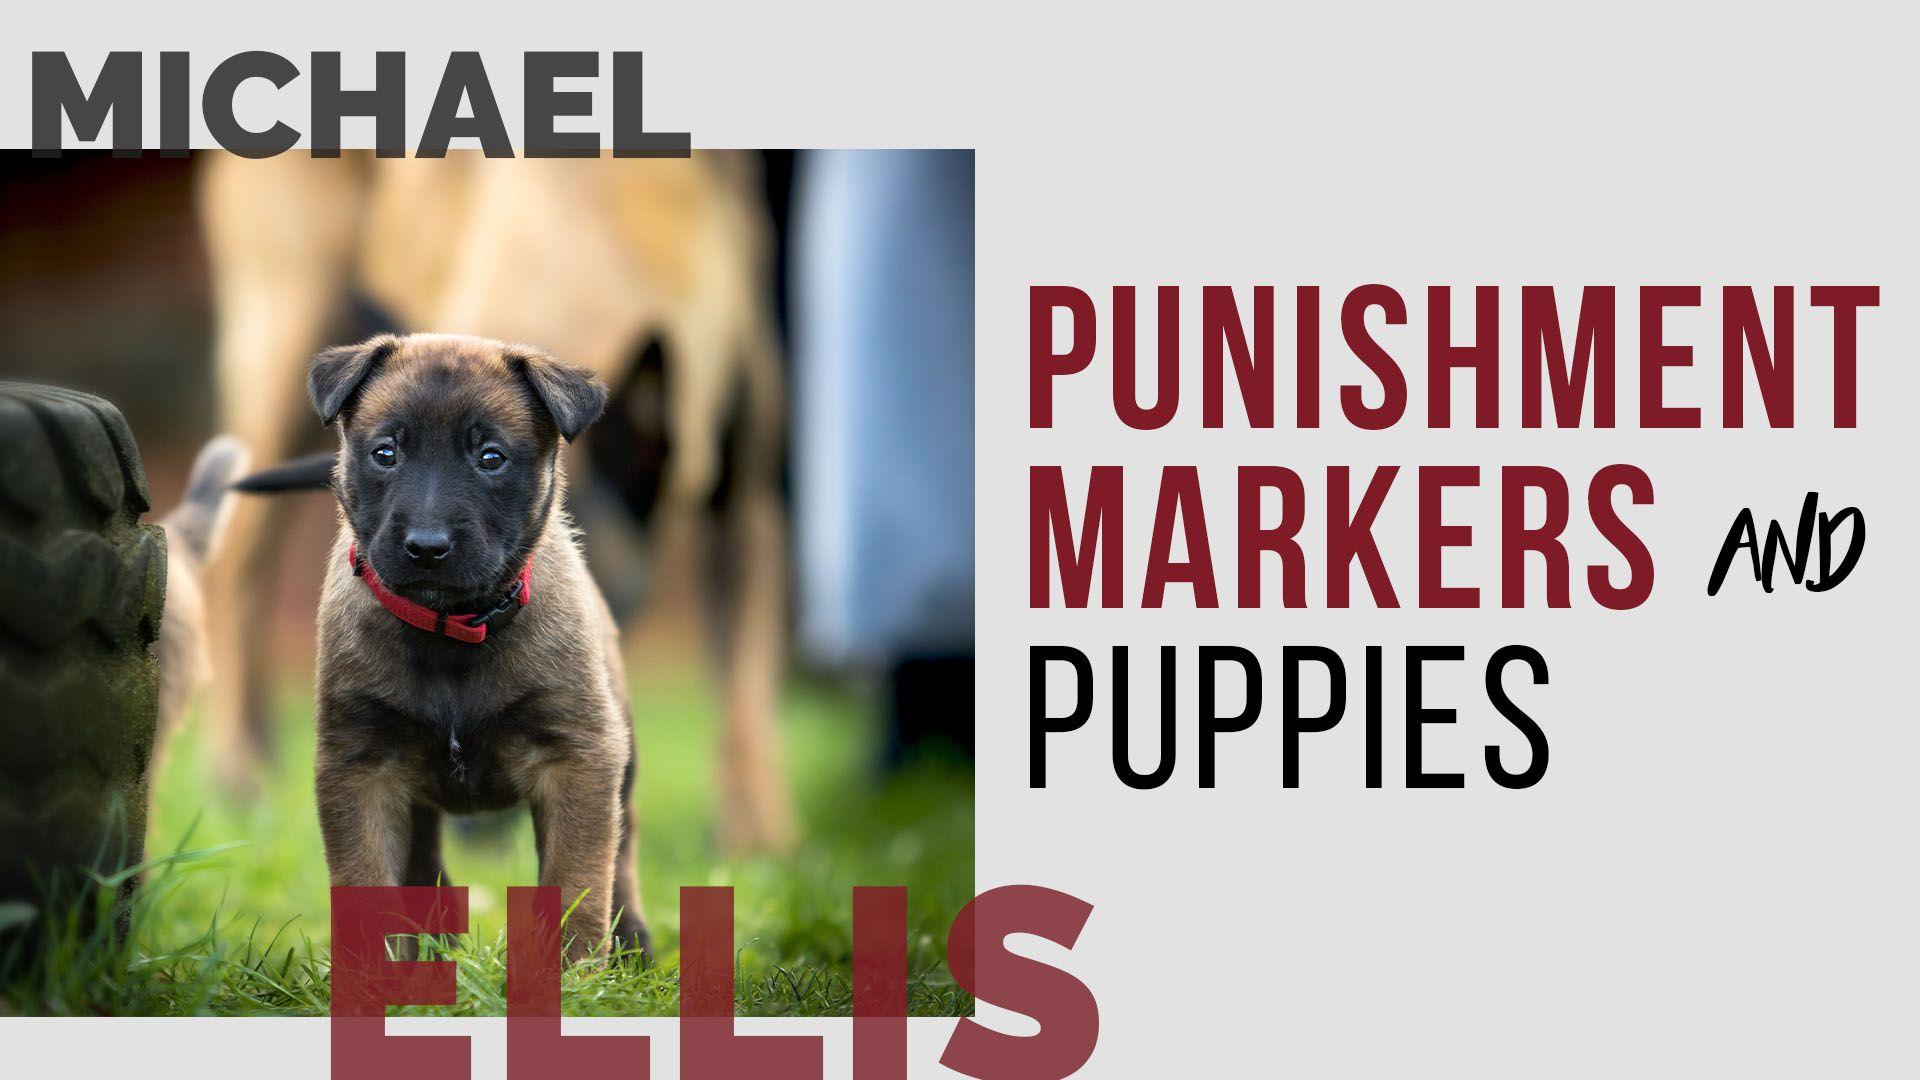 In This Video Michael Ellis Discusses Using Punishment Markers